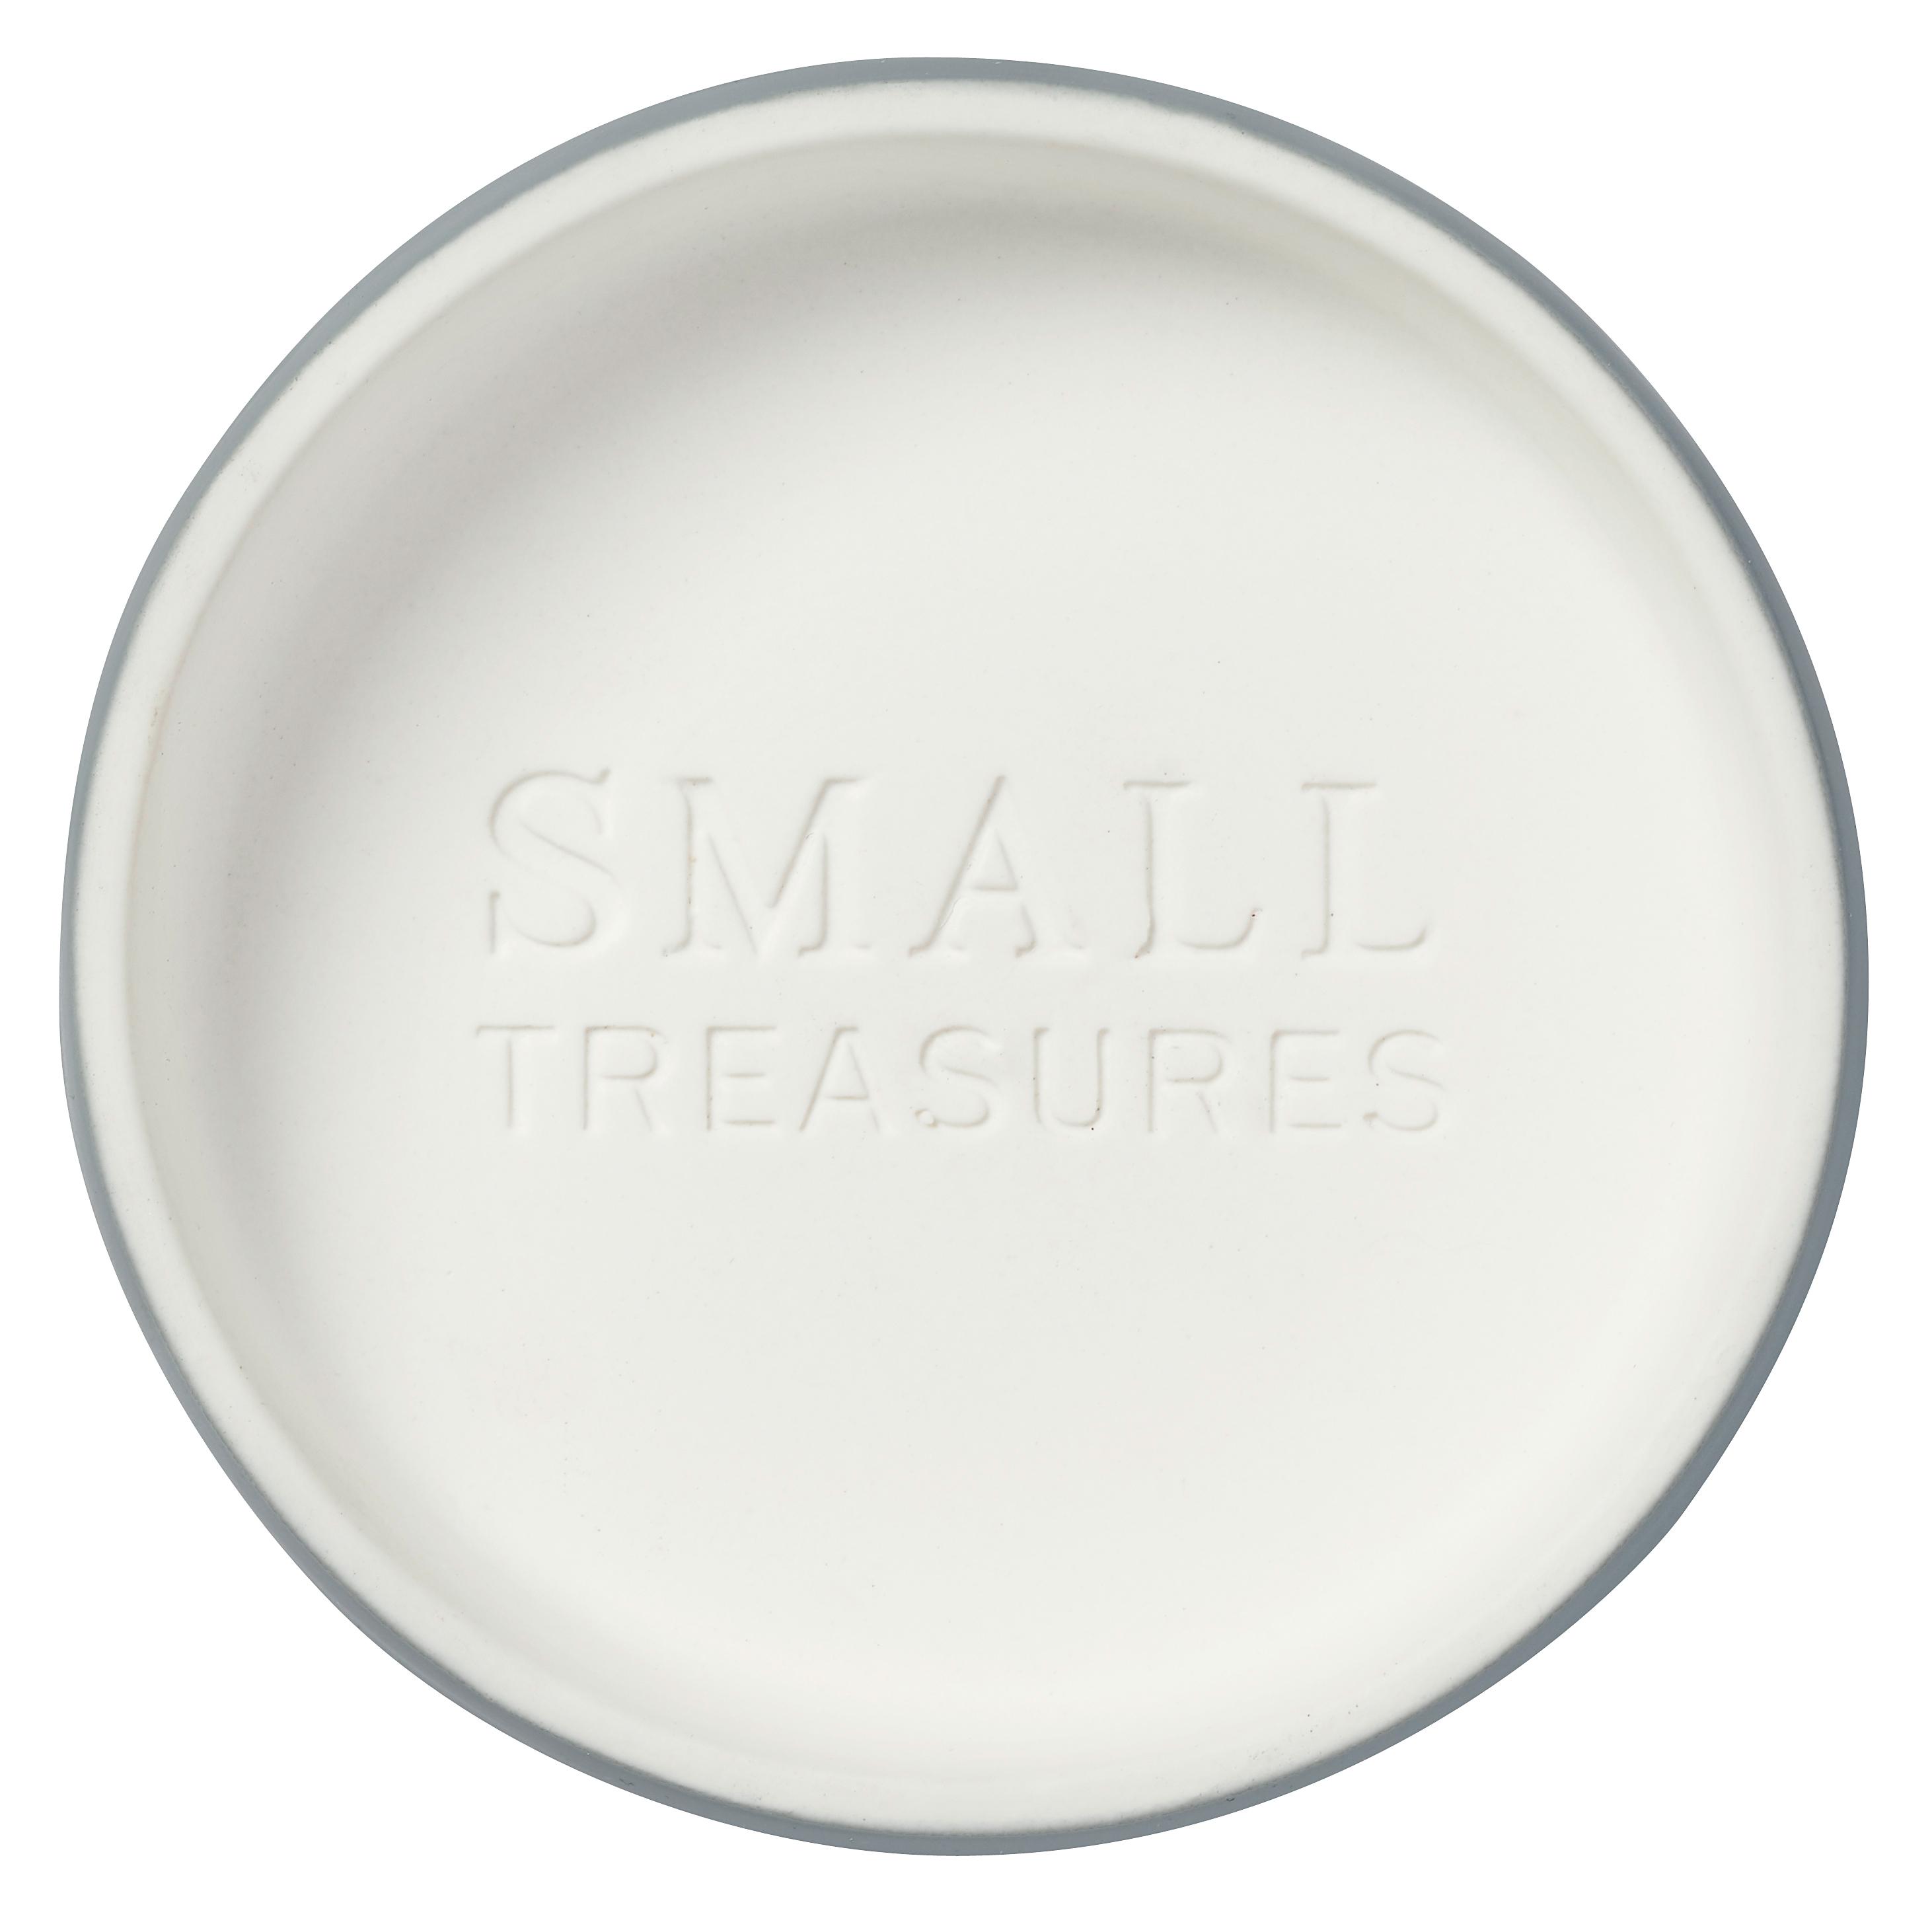 """Schale """"Small Treasures"""" - räder"""